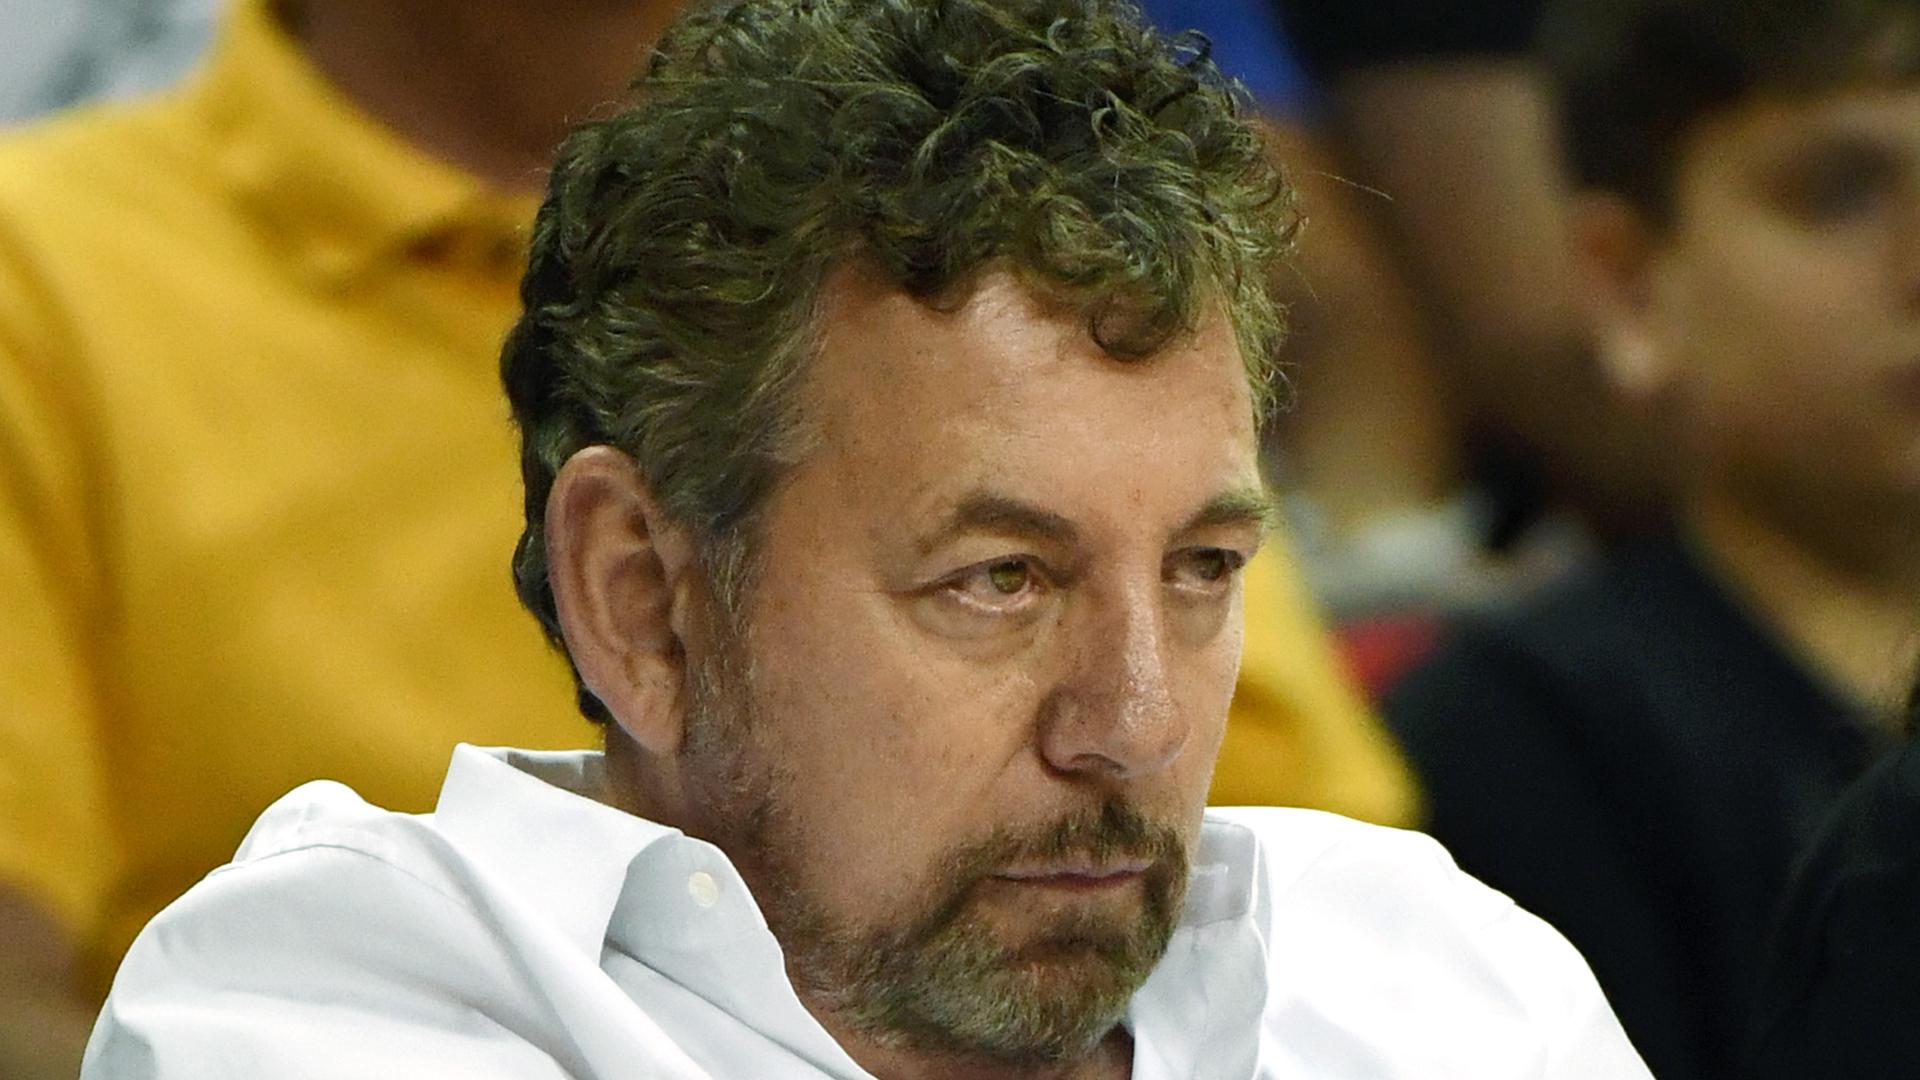 Coronavirus: Knicks owner Dolan tests positive for COVID-19